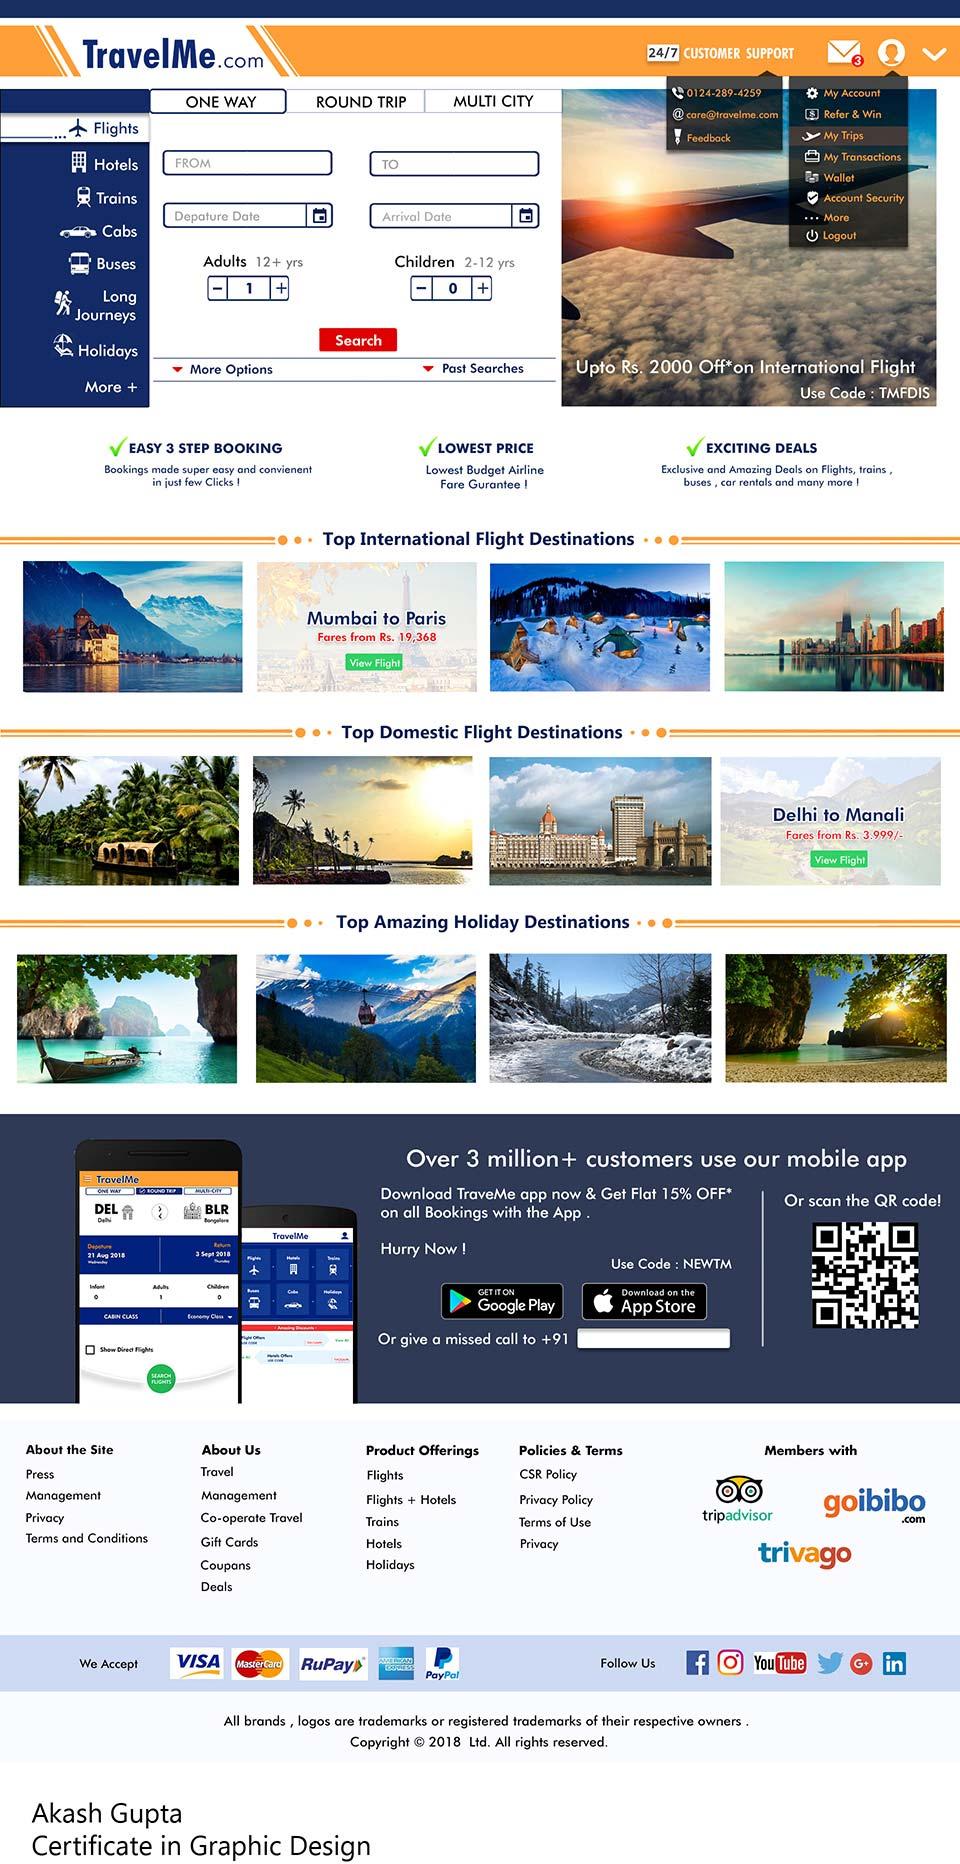 Akash-Gupta-Web-layout-2-